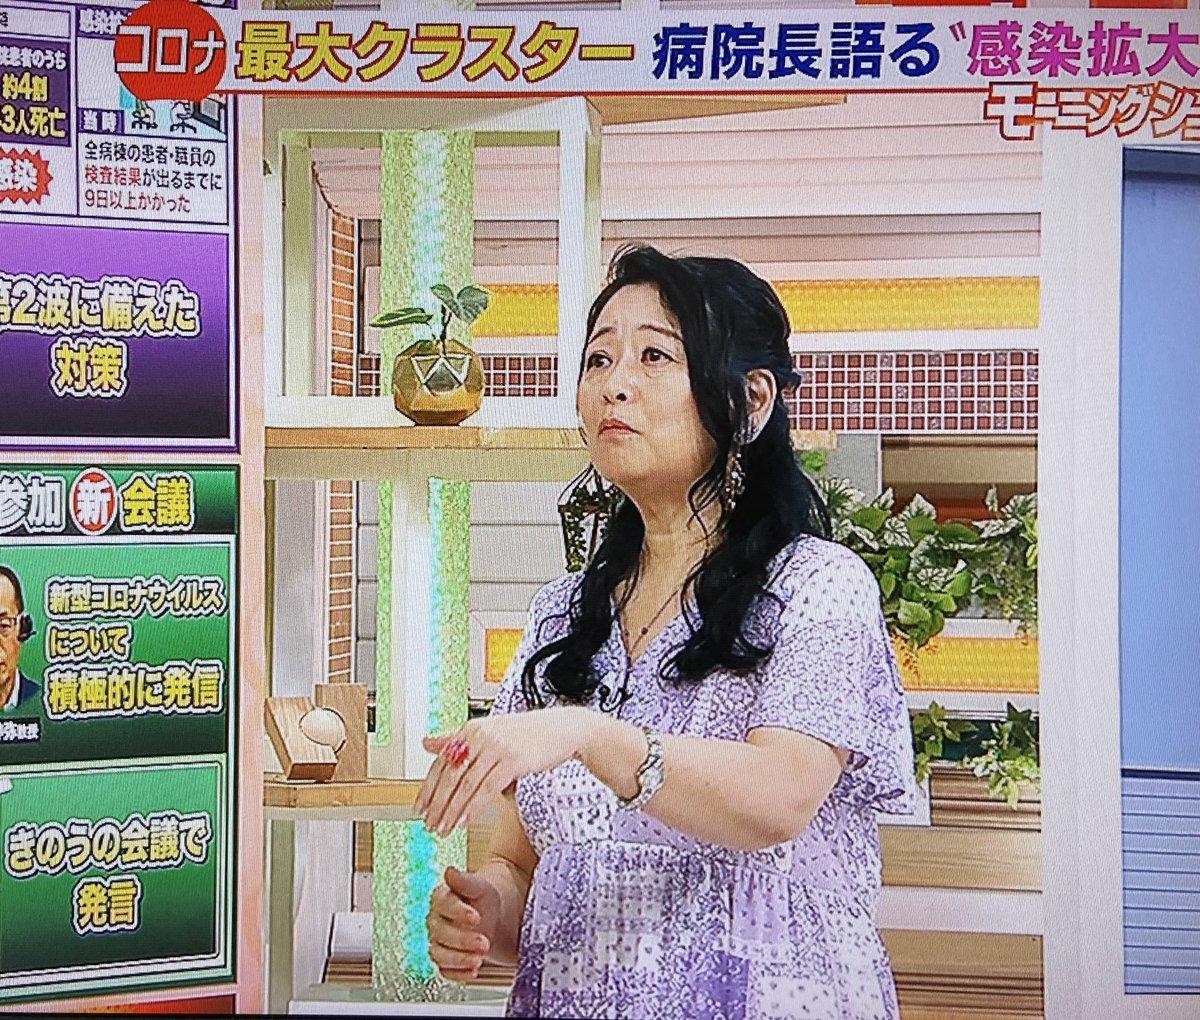 出ない 岡田晴恵 モーニングショー